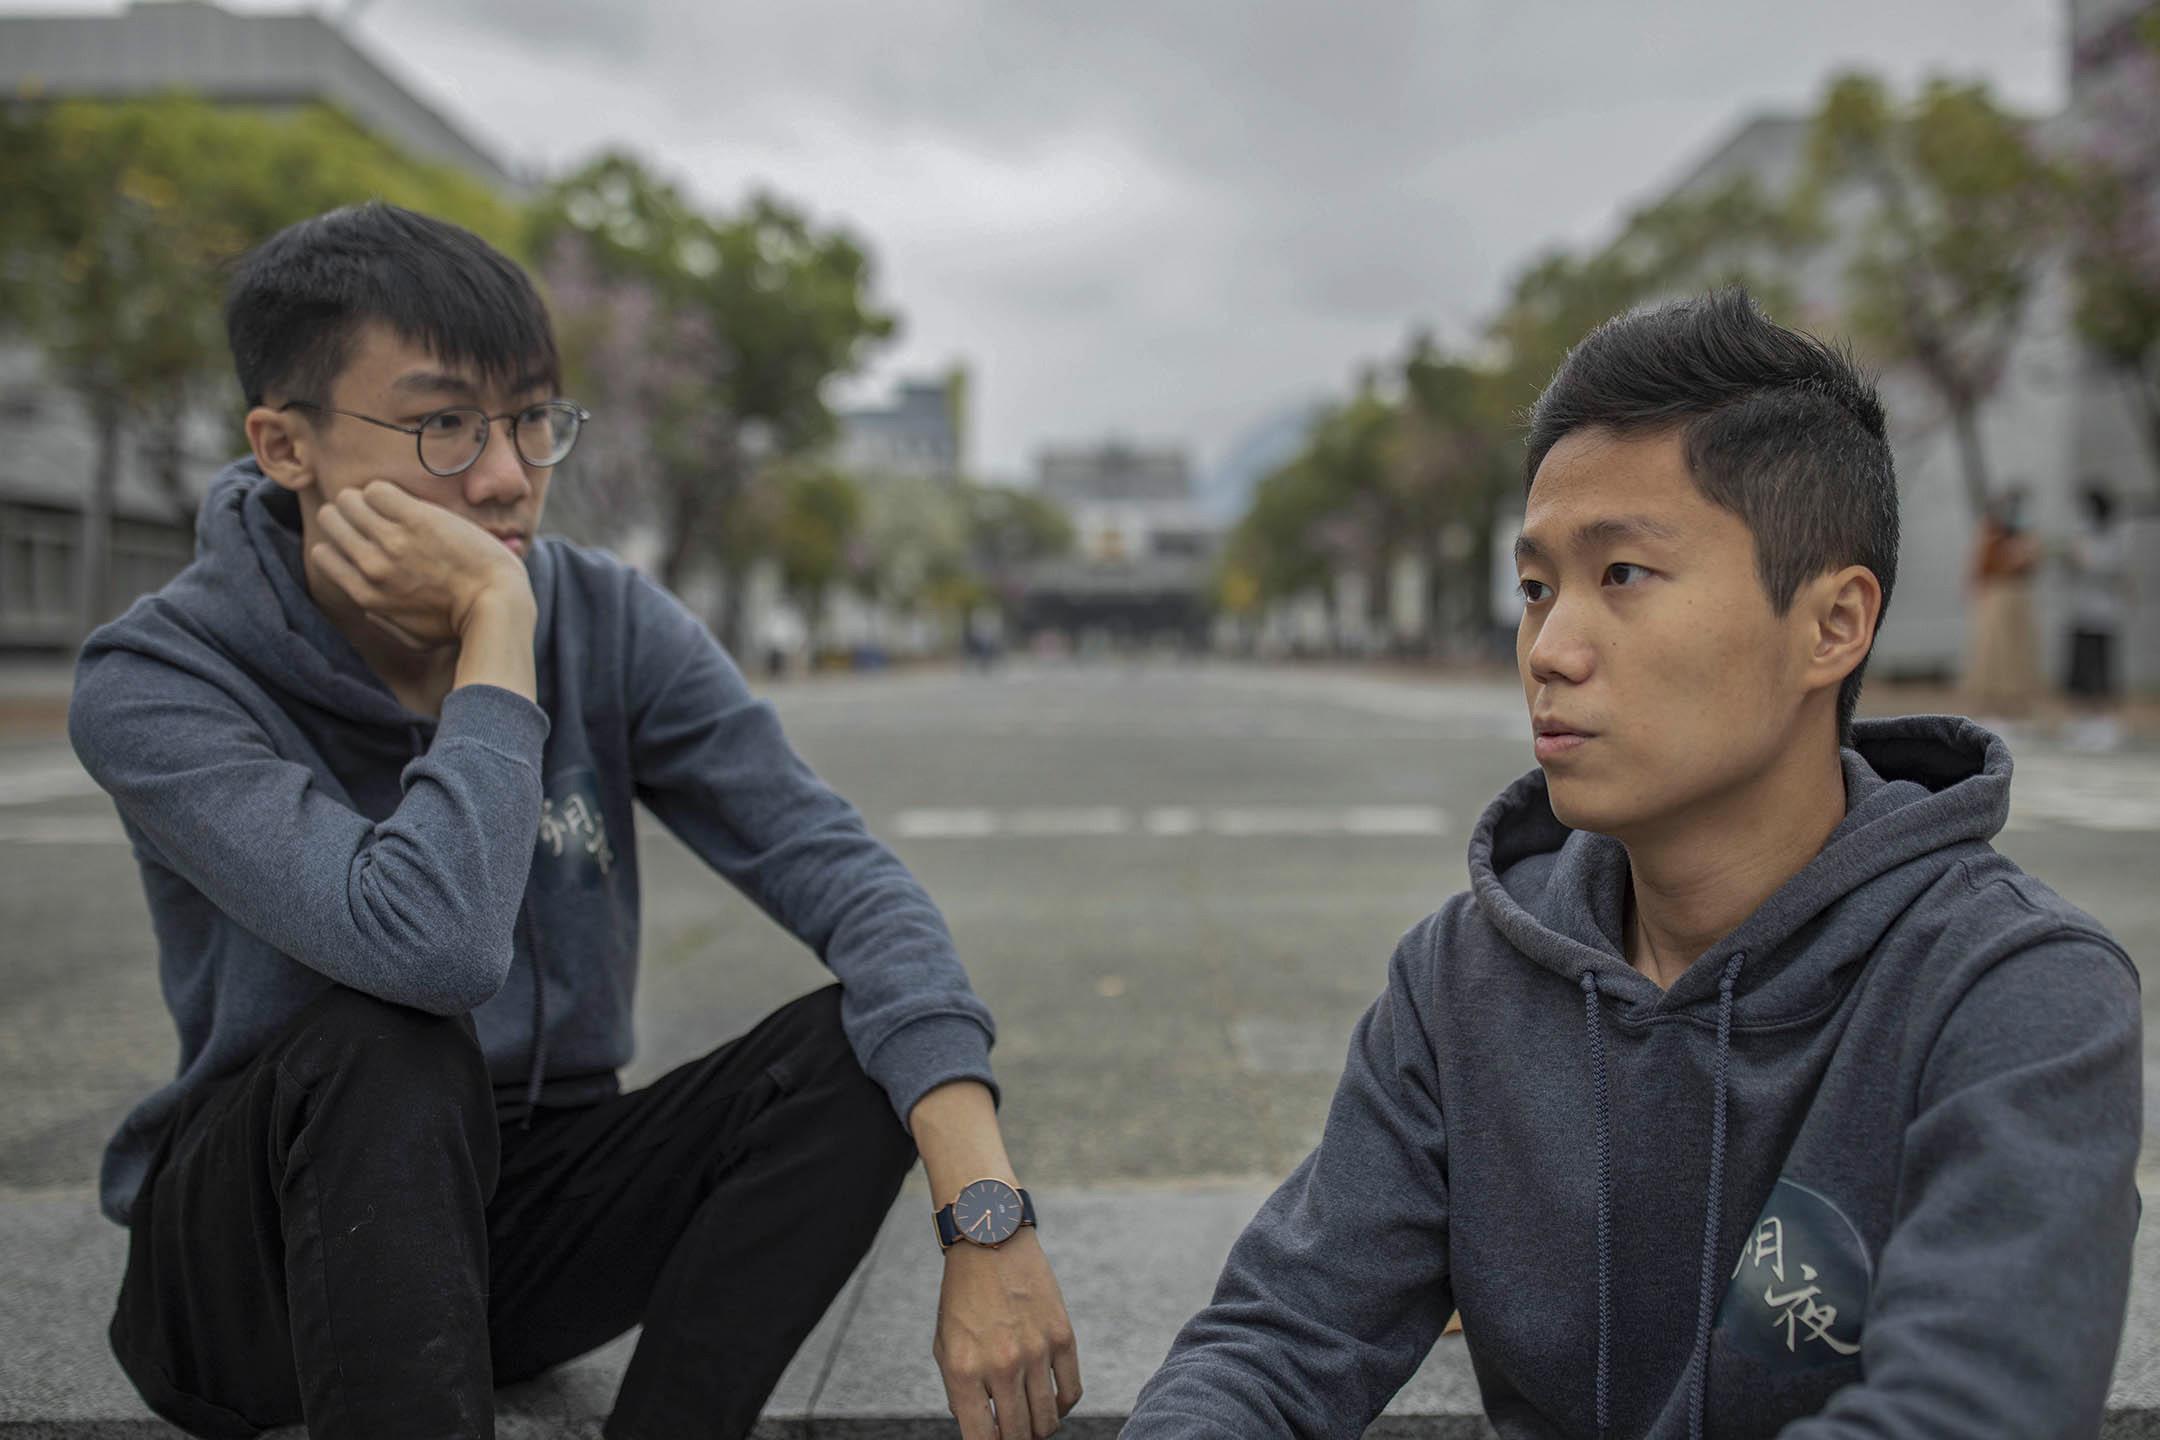 香港中大學生會幹事會内閣「朔夜」前外務副會長羅子維(左)和前會長林睿睎(右)。 攝:陳焯煇/端傳媒